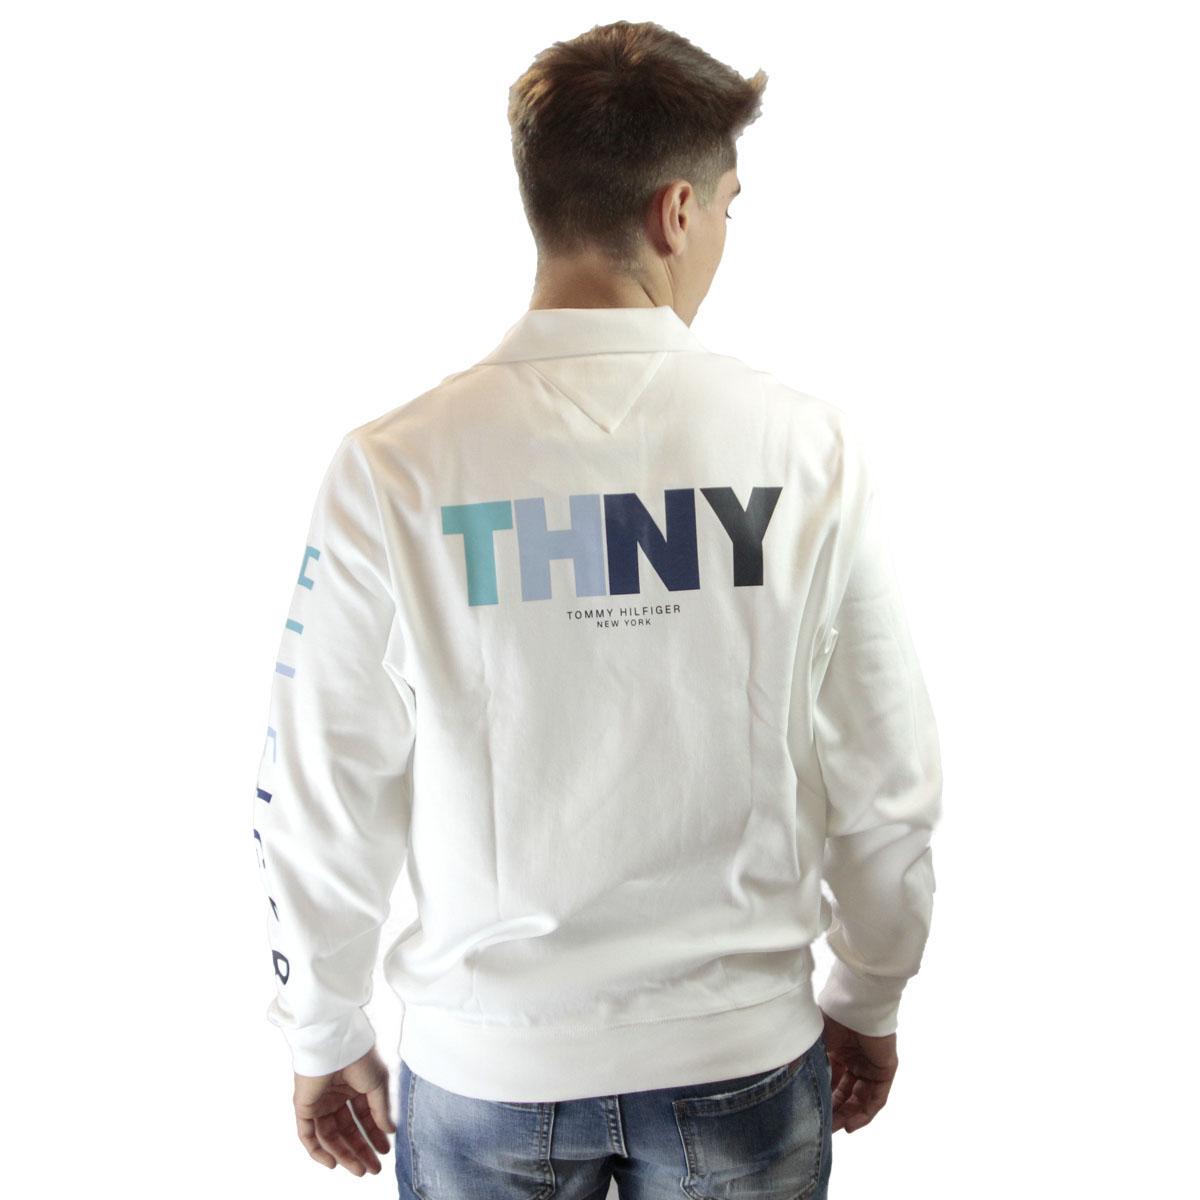 Amasar Valiente parásito  Polo Tommy Hilfiger algodón - Outlet para hombres